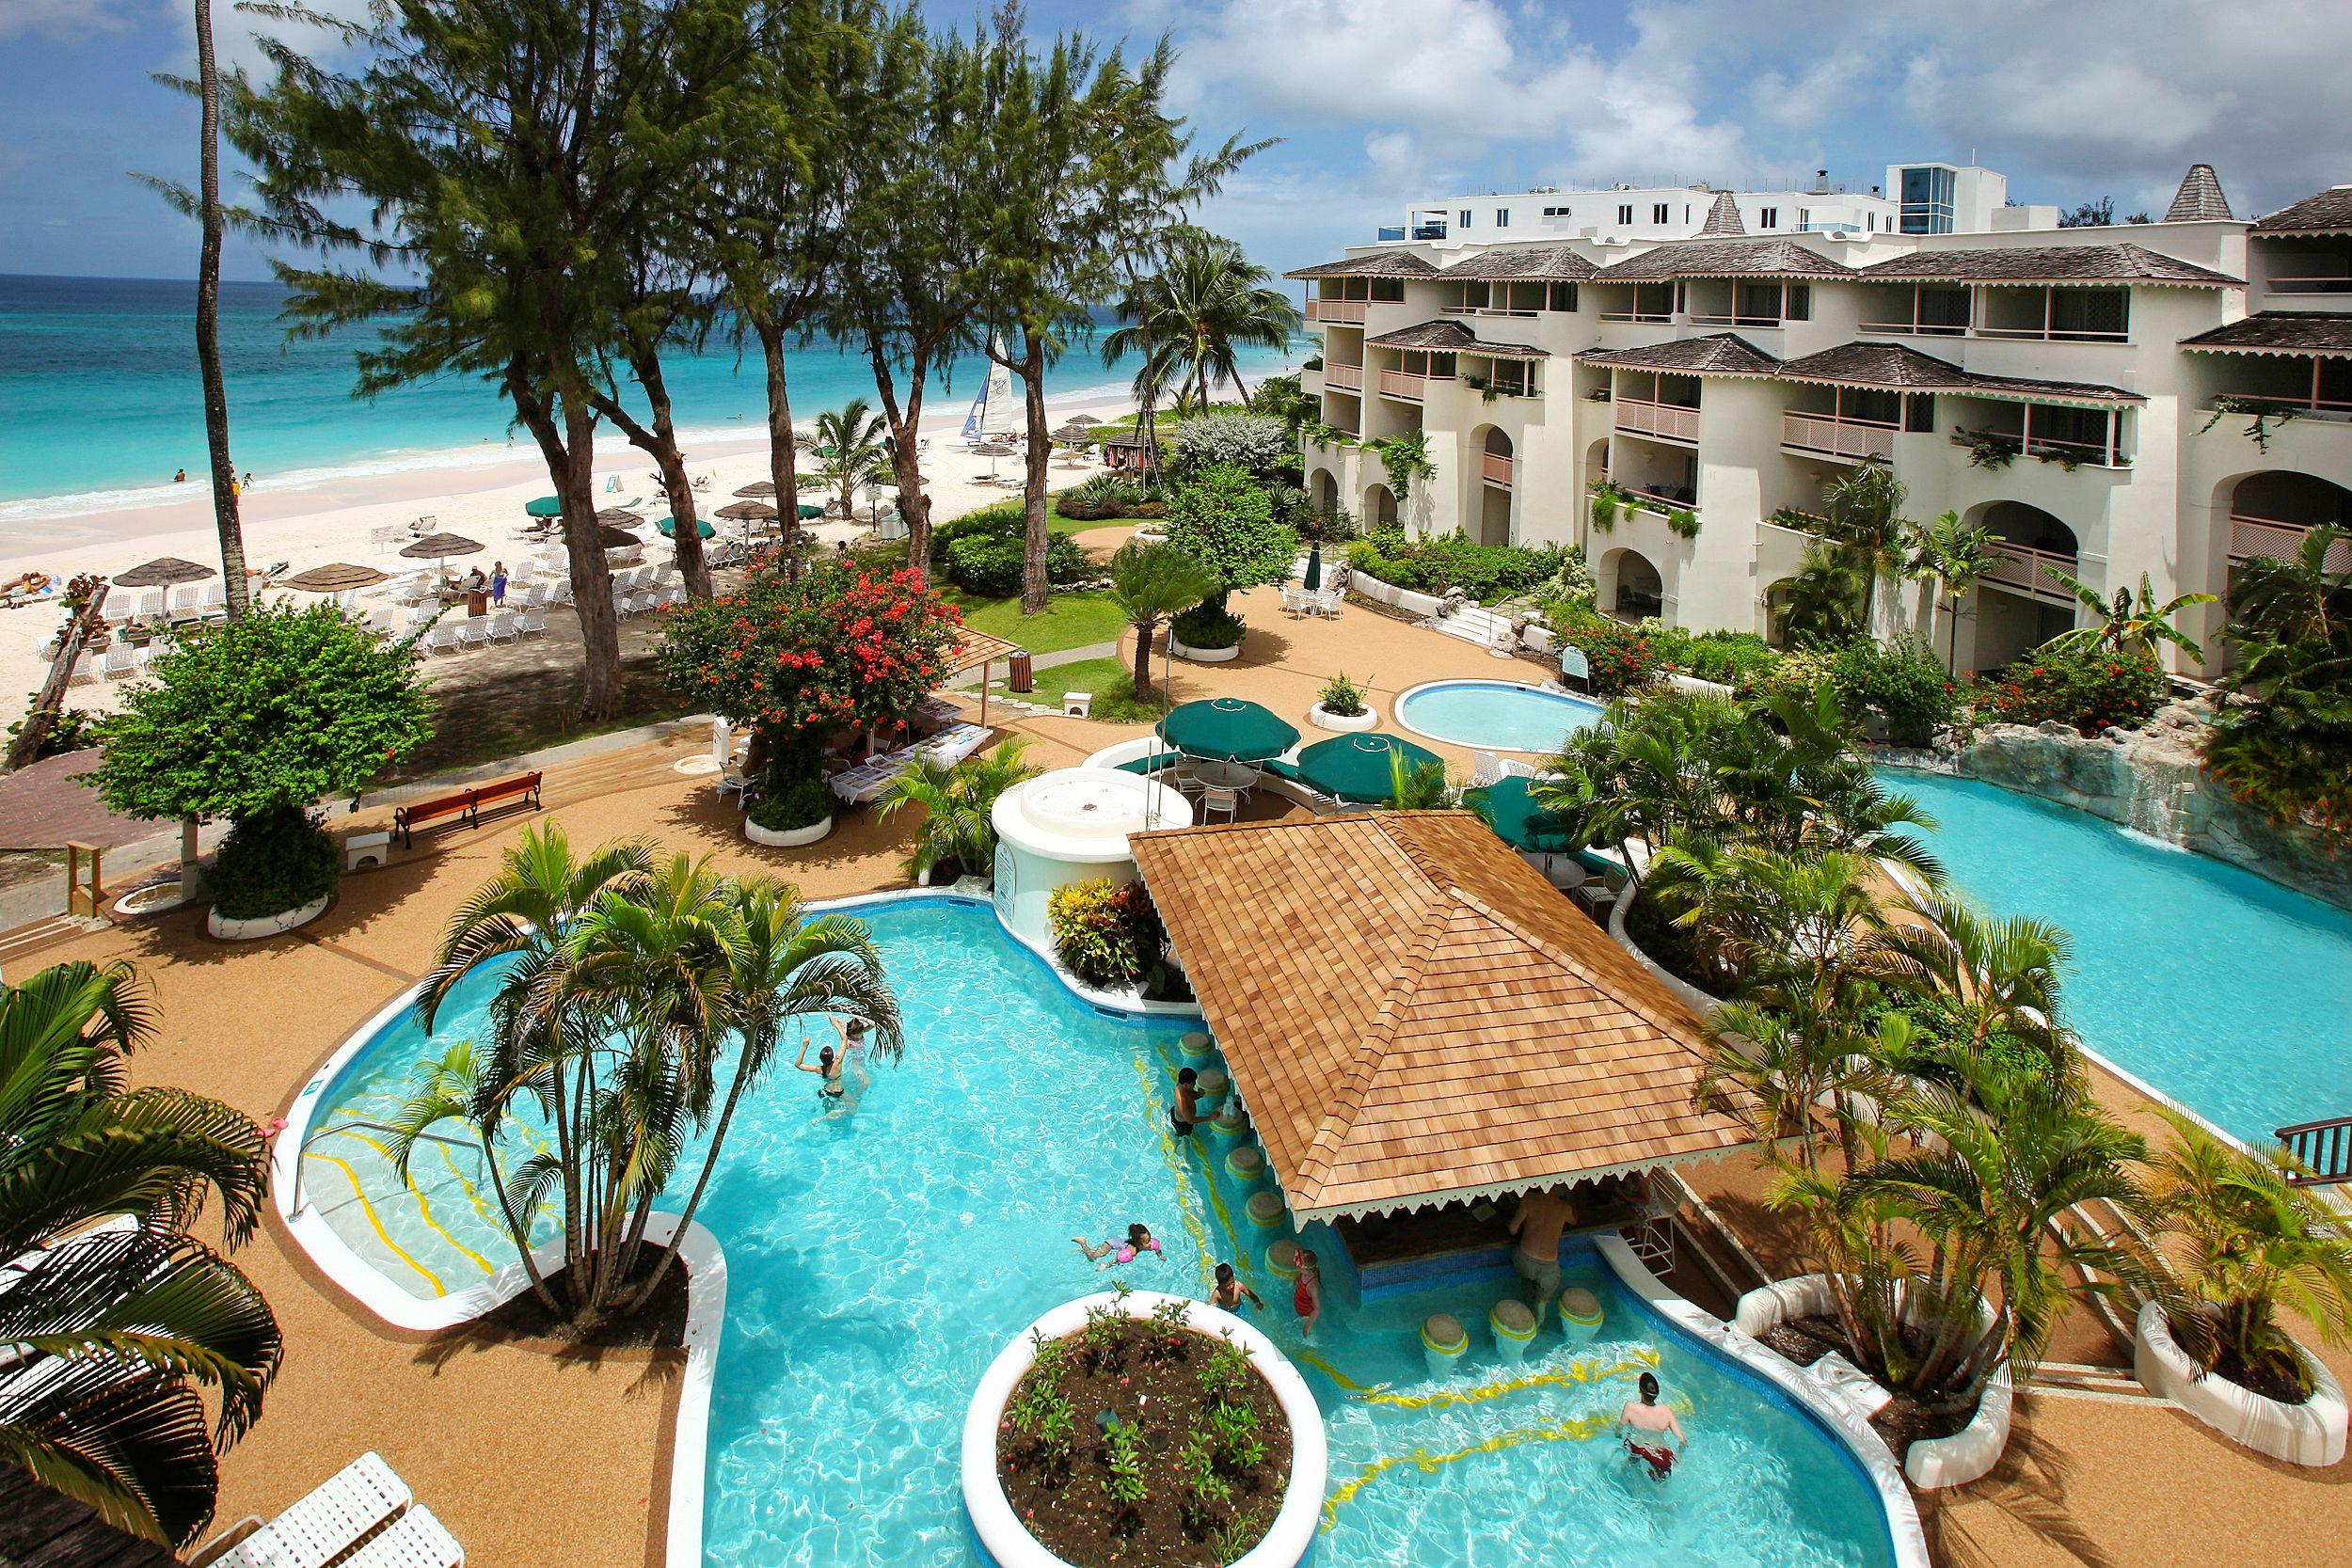 #BarbadosIslandInclusive